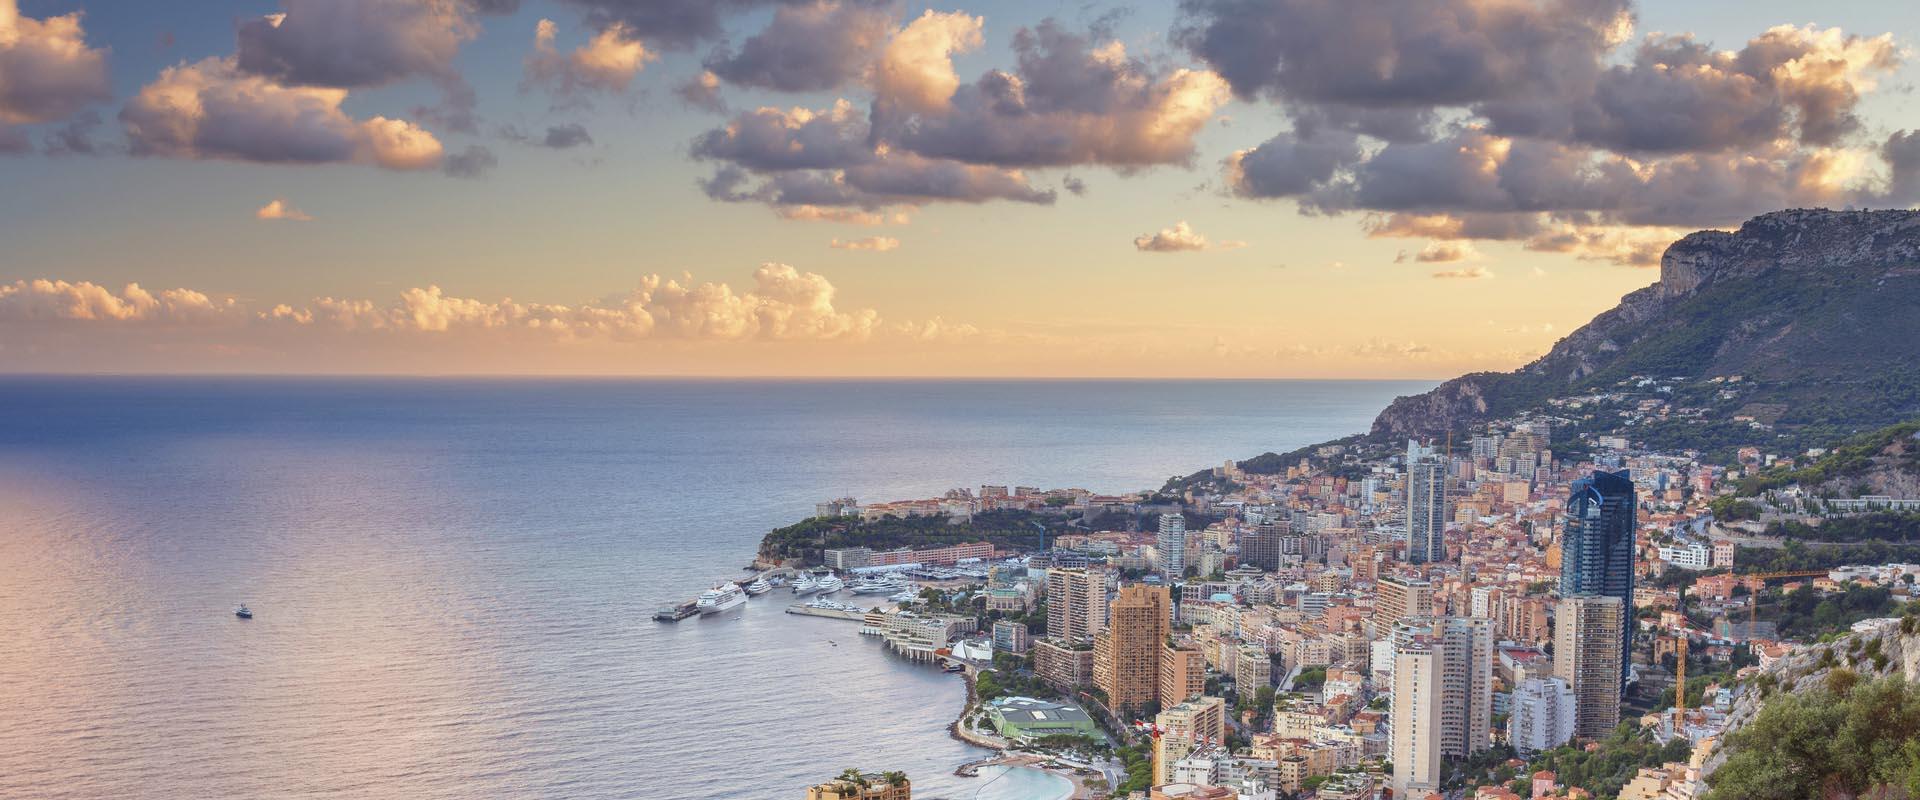 Pentecôte 2021, 2022 et 2023 en Monaco - PublicHolidays.eu